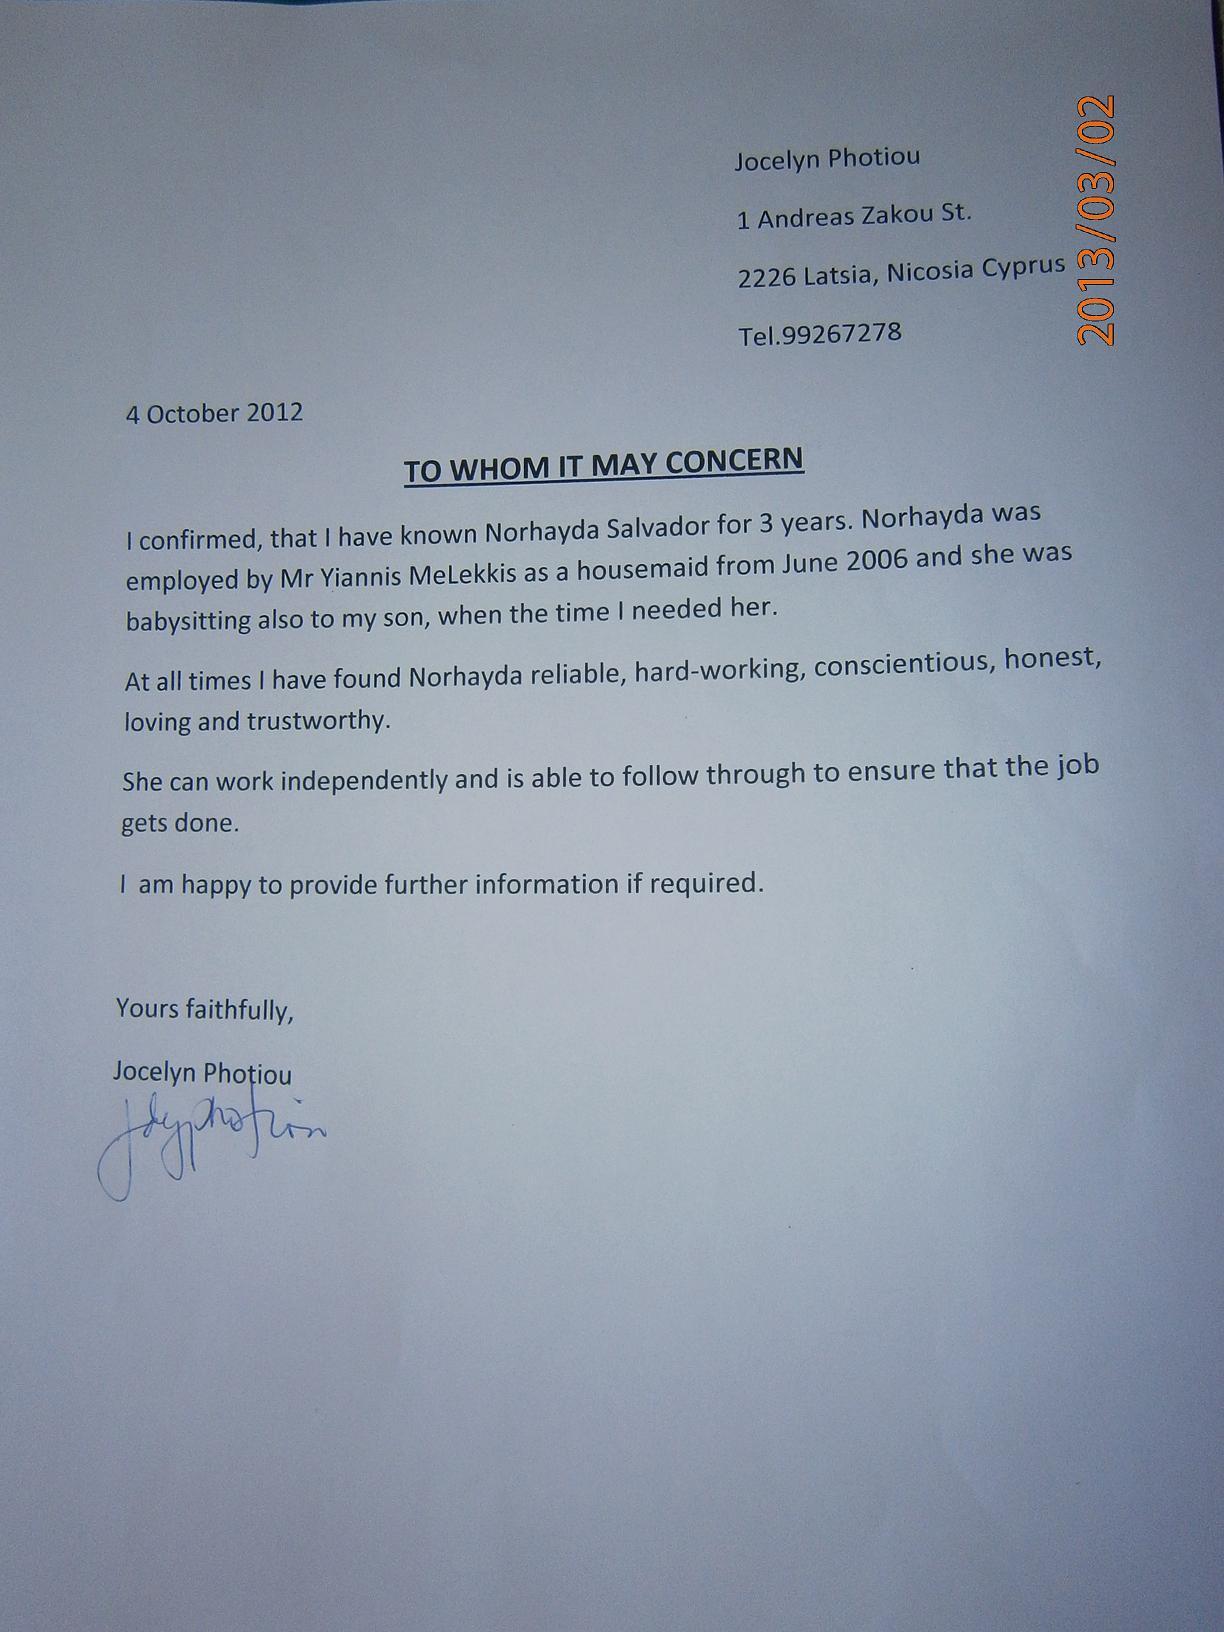 cover letter for babysitter position